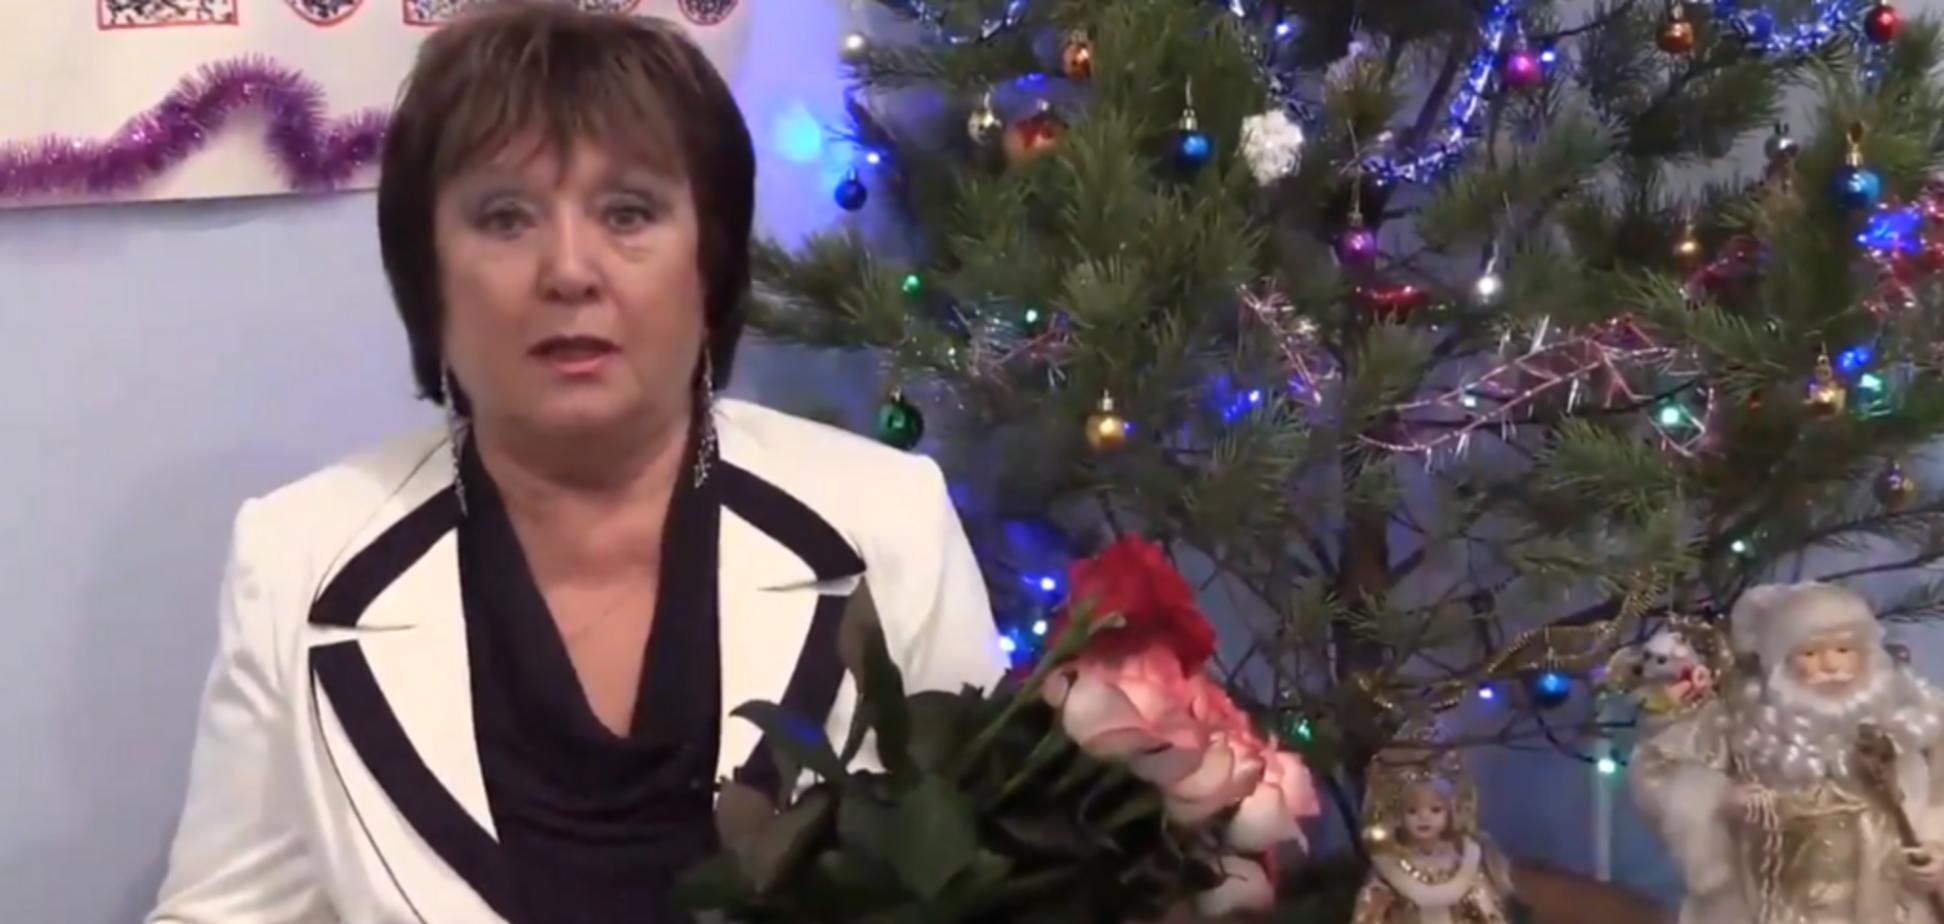 'Нафталиновое чудо': Витренко разозлила сеть новогодним поздравлением из 'совка'